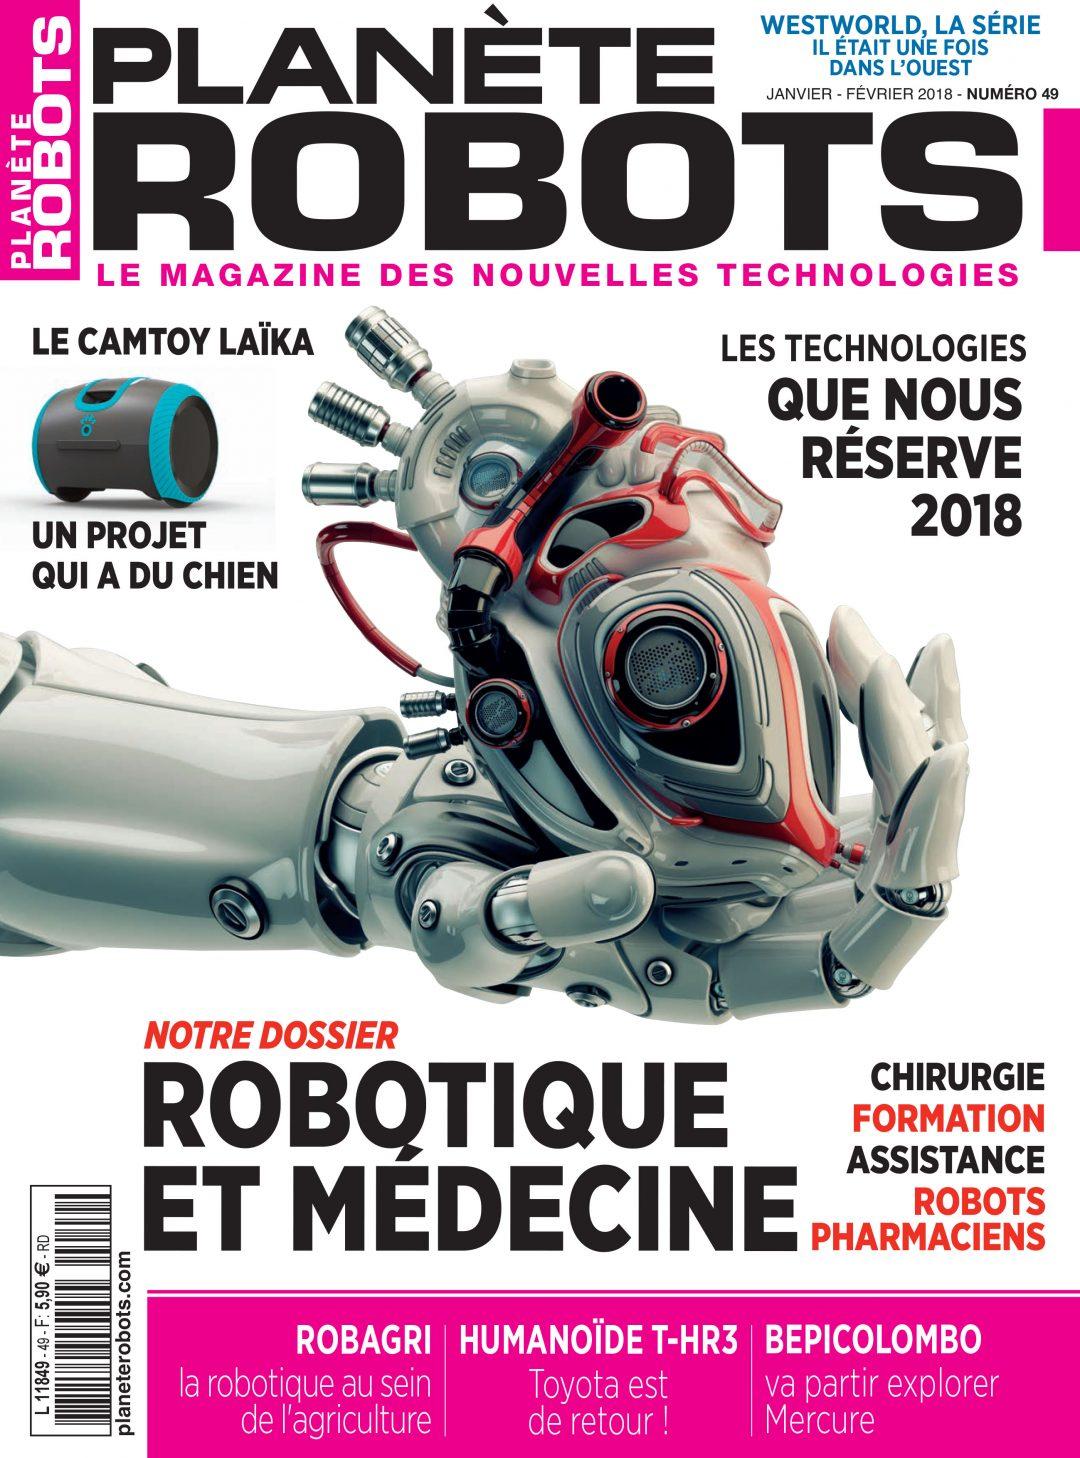 Planète Robots n° 49 – Extrait de 15 pages